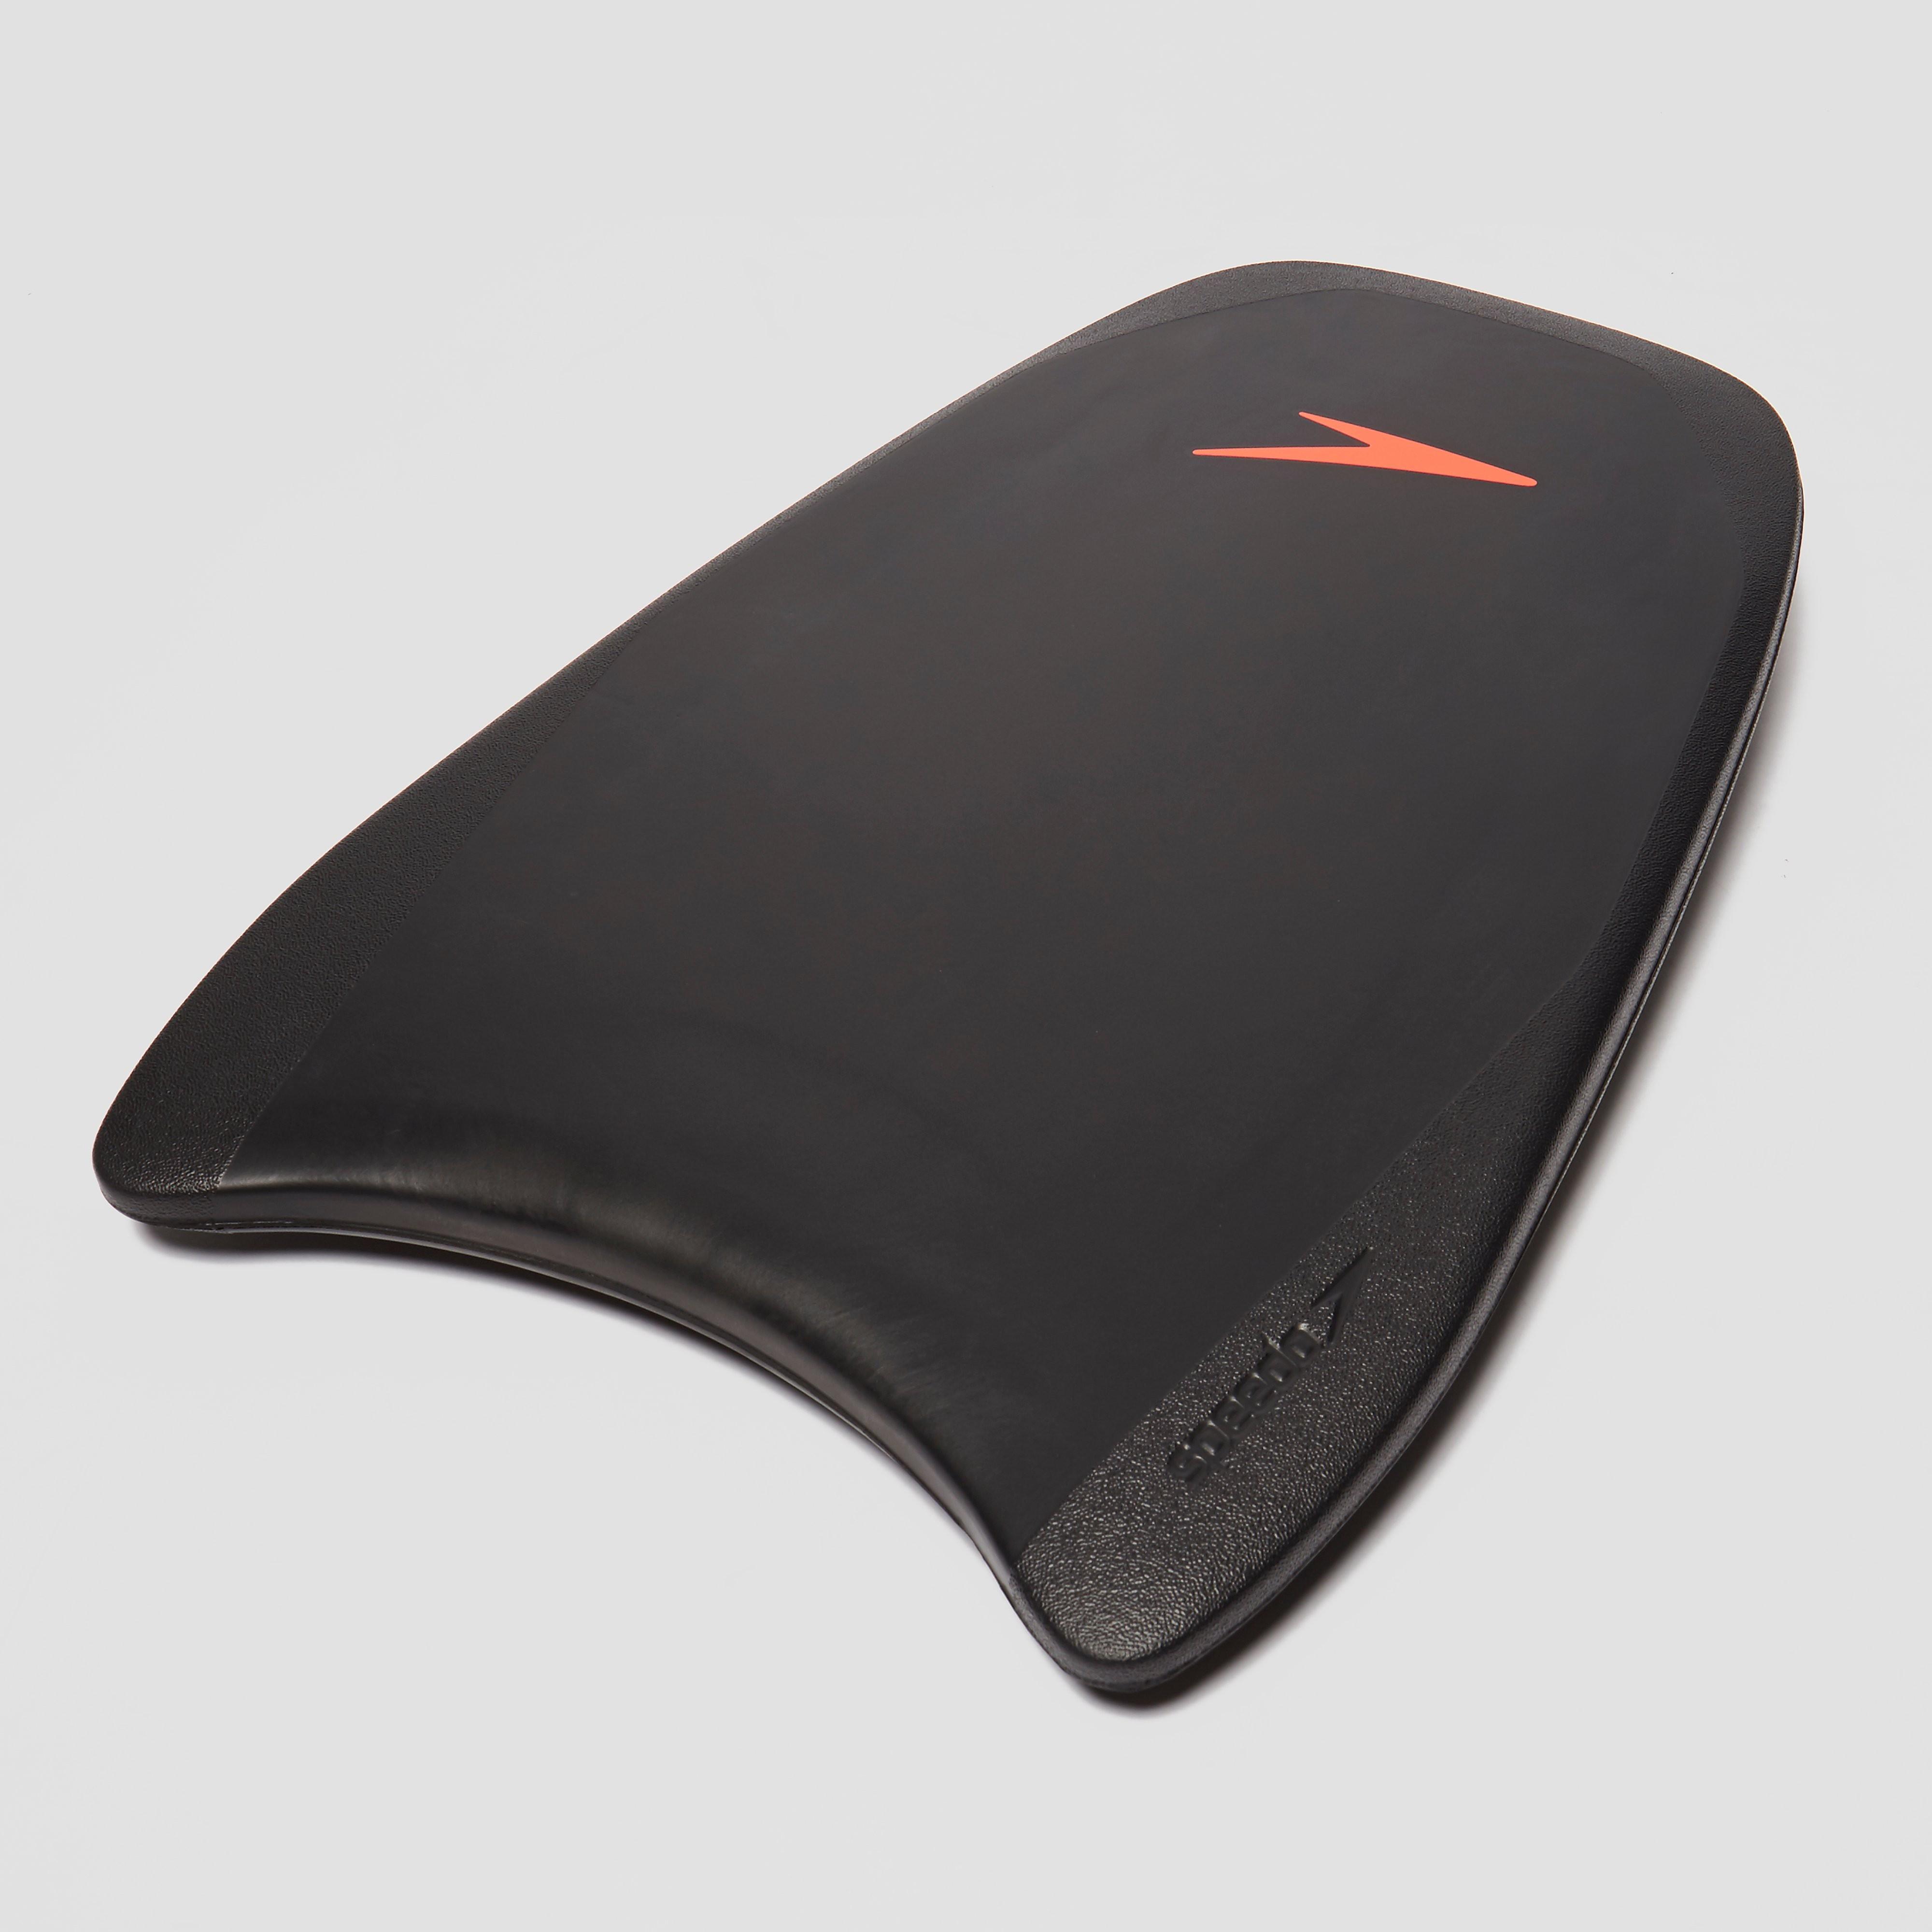 Speedo Fastskin Swimming Kickboard